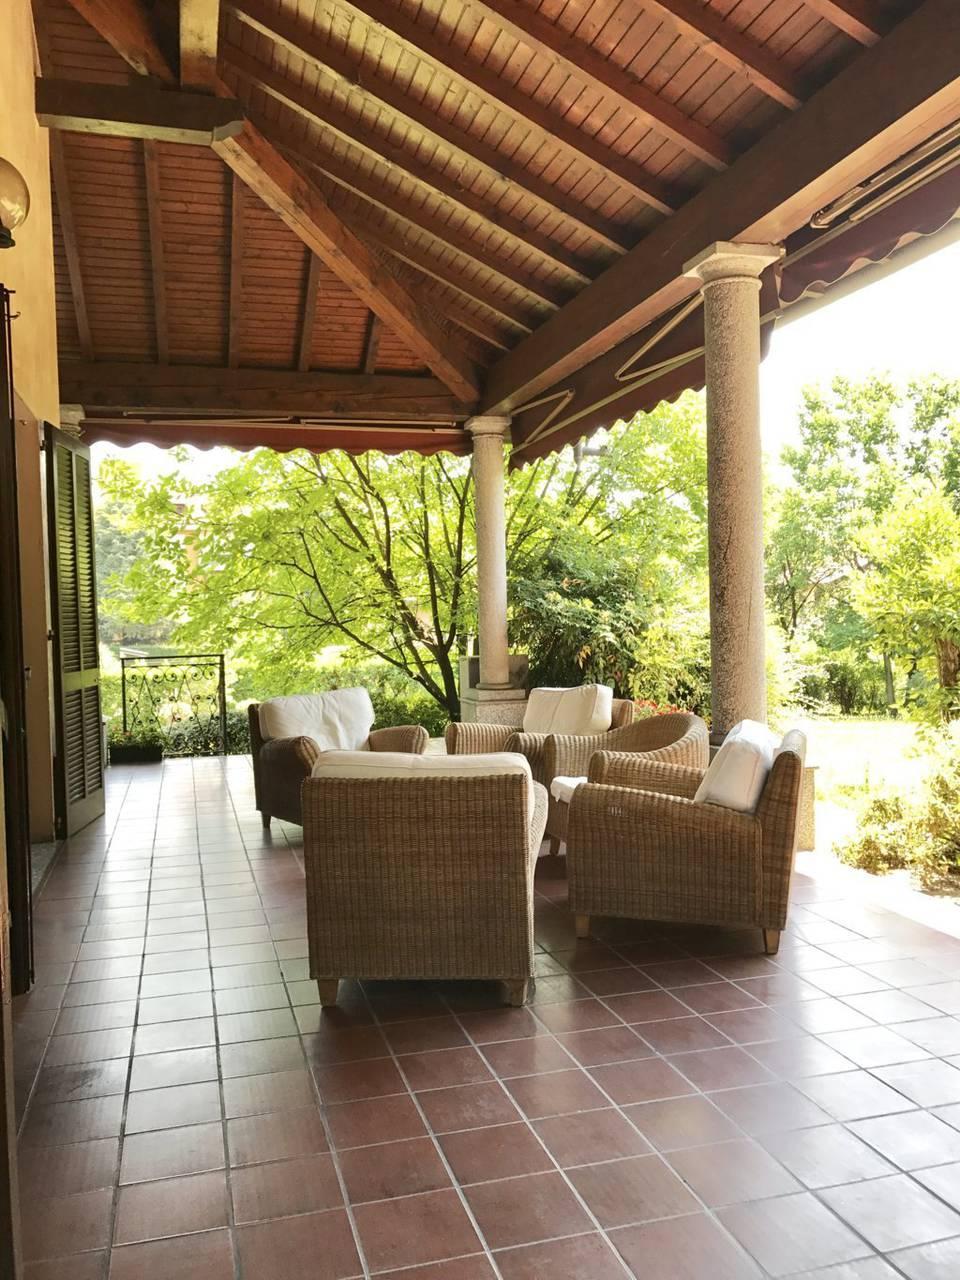 Villa-singola-signorile-in-vendita-a-Busnago-in-Brianza-25